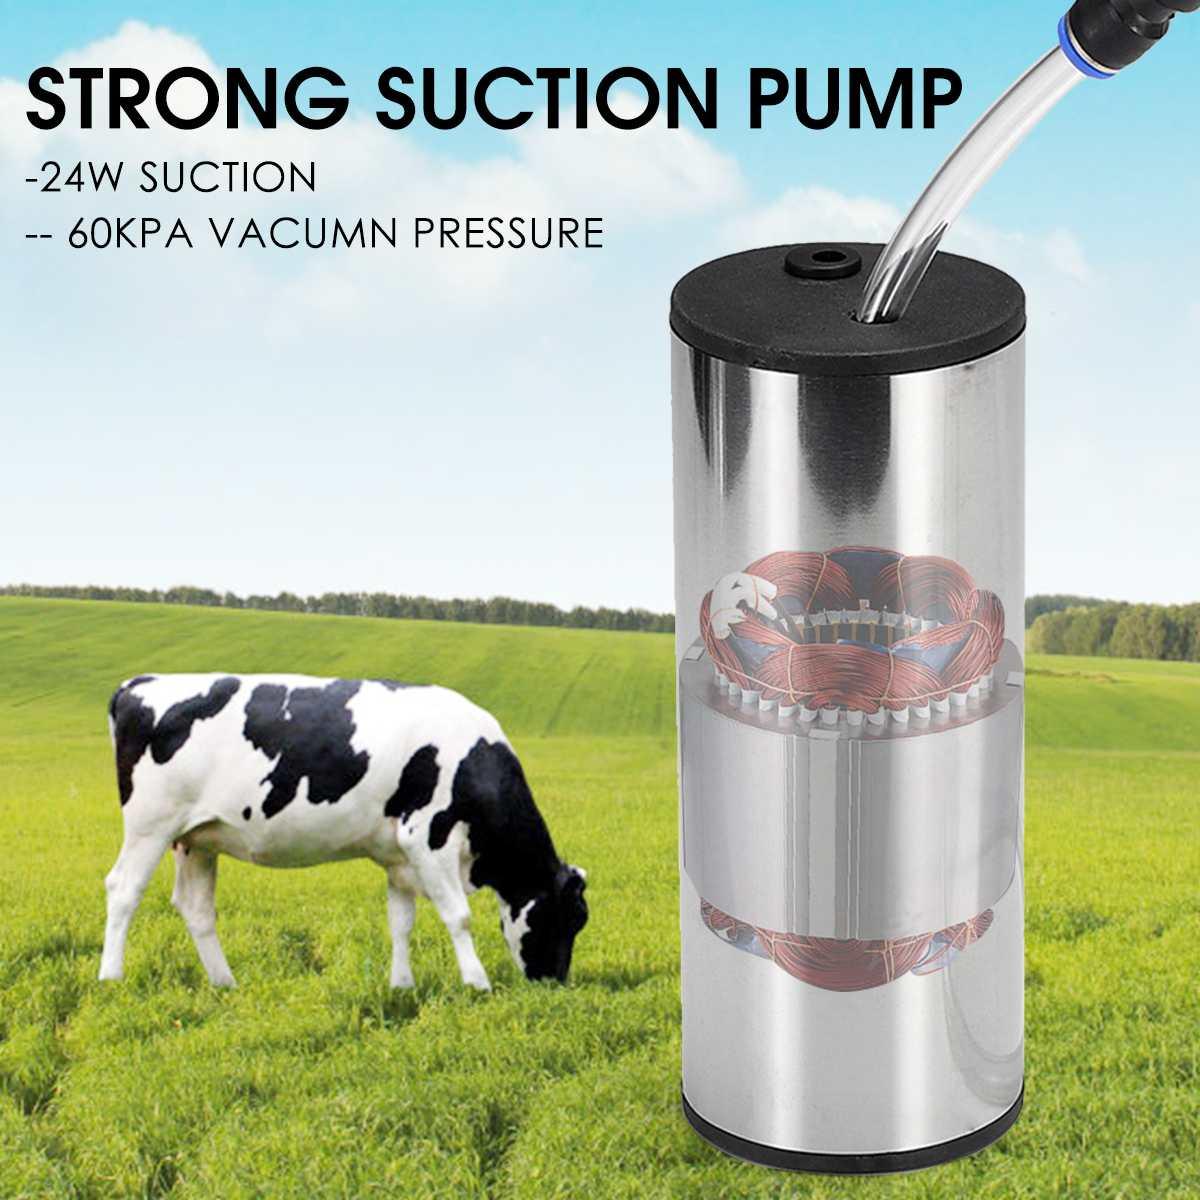 5L versión mejorada eléctrica vaca cabra oveja ordeño máquina doble bomba de vacío Cubo de acero inoxidable 220V máquinas de ordeño - 3